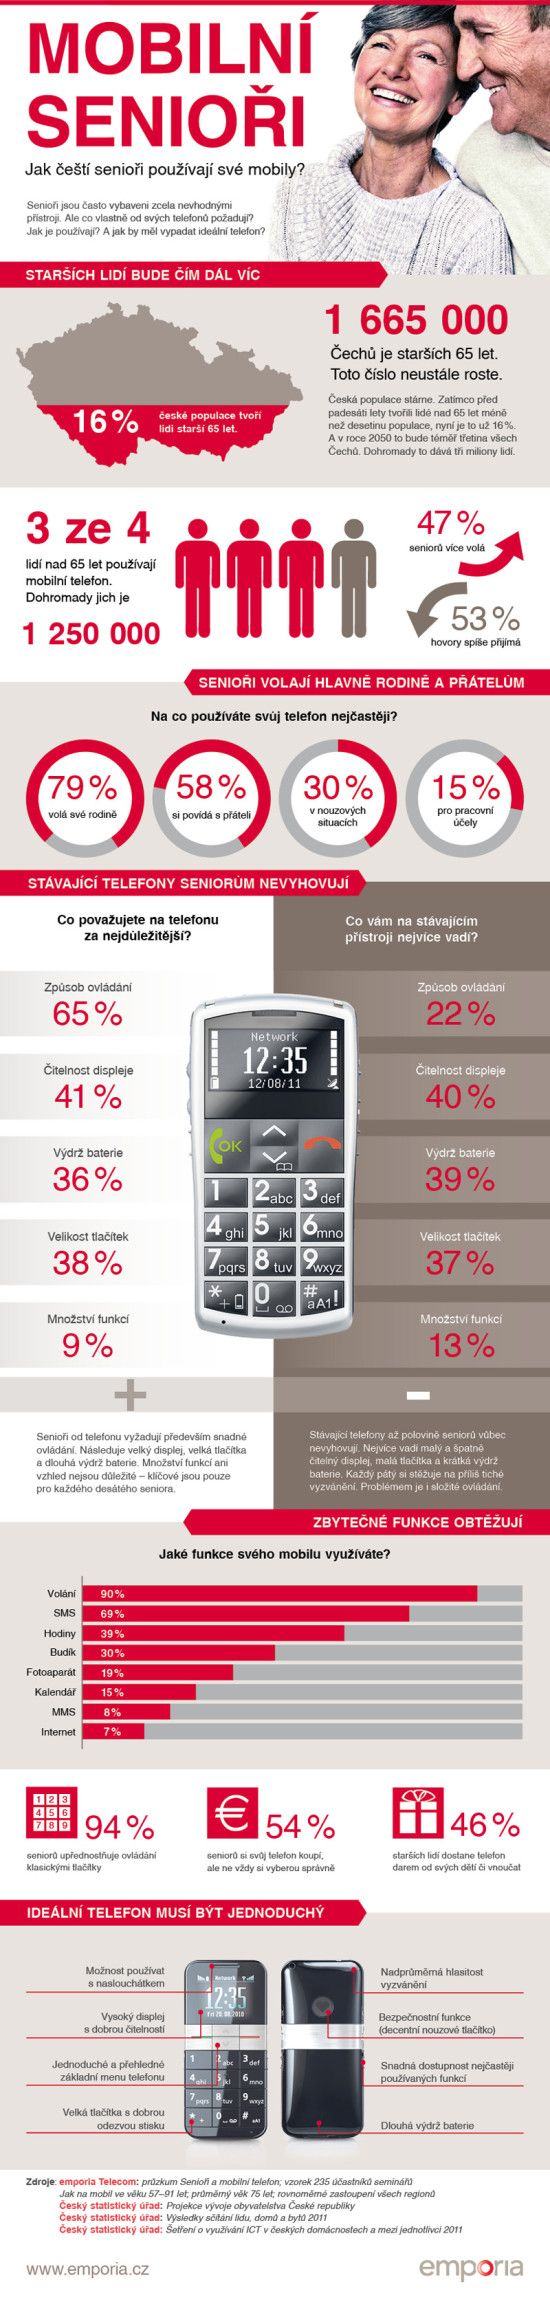 Mobilní senioři - Jak čeští senioři používají své mobily?  (SENIOŘI A MOBILNÍ TELEFONY – INFOGRAFIKA)